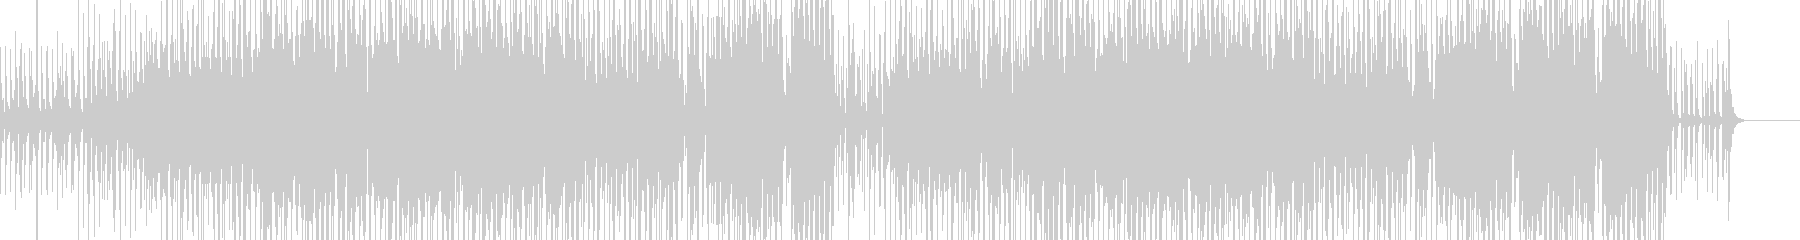 お祭り気分・昭和歌謡曲風ポップ L2の未再生の波形